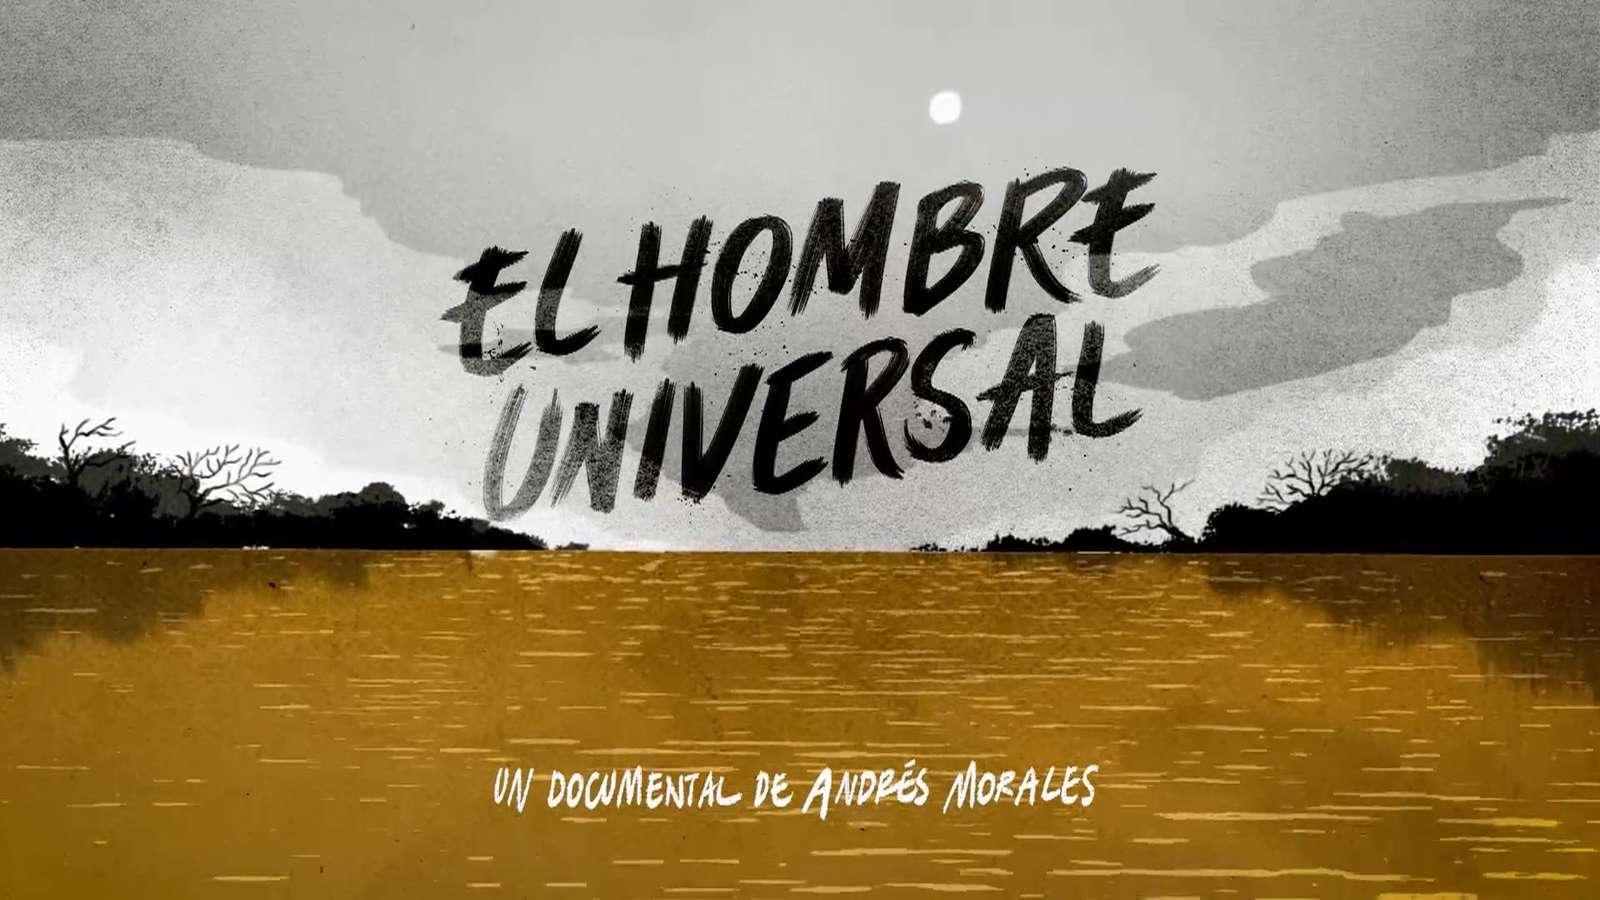 'El hombre universal': vida y obra de Arnoldo Palacios